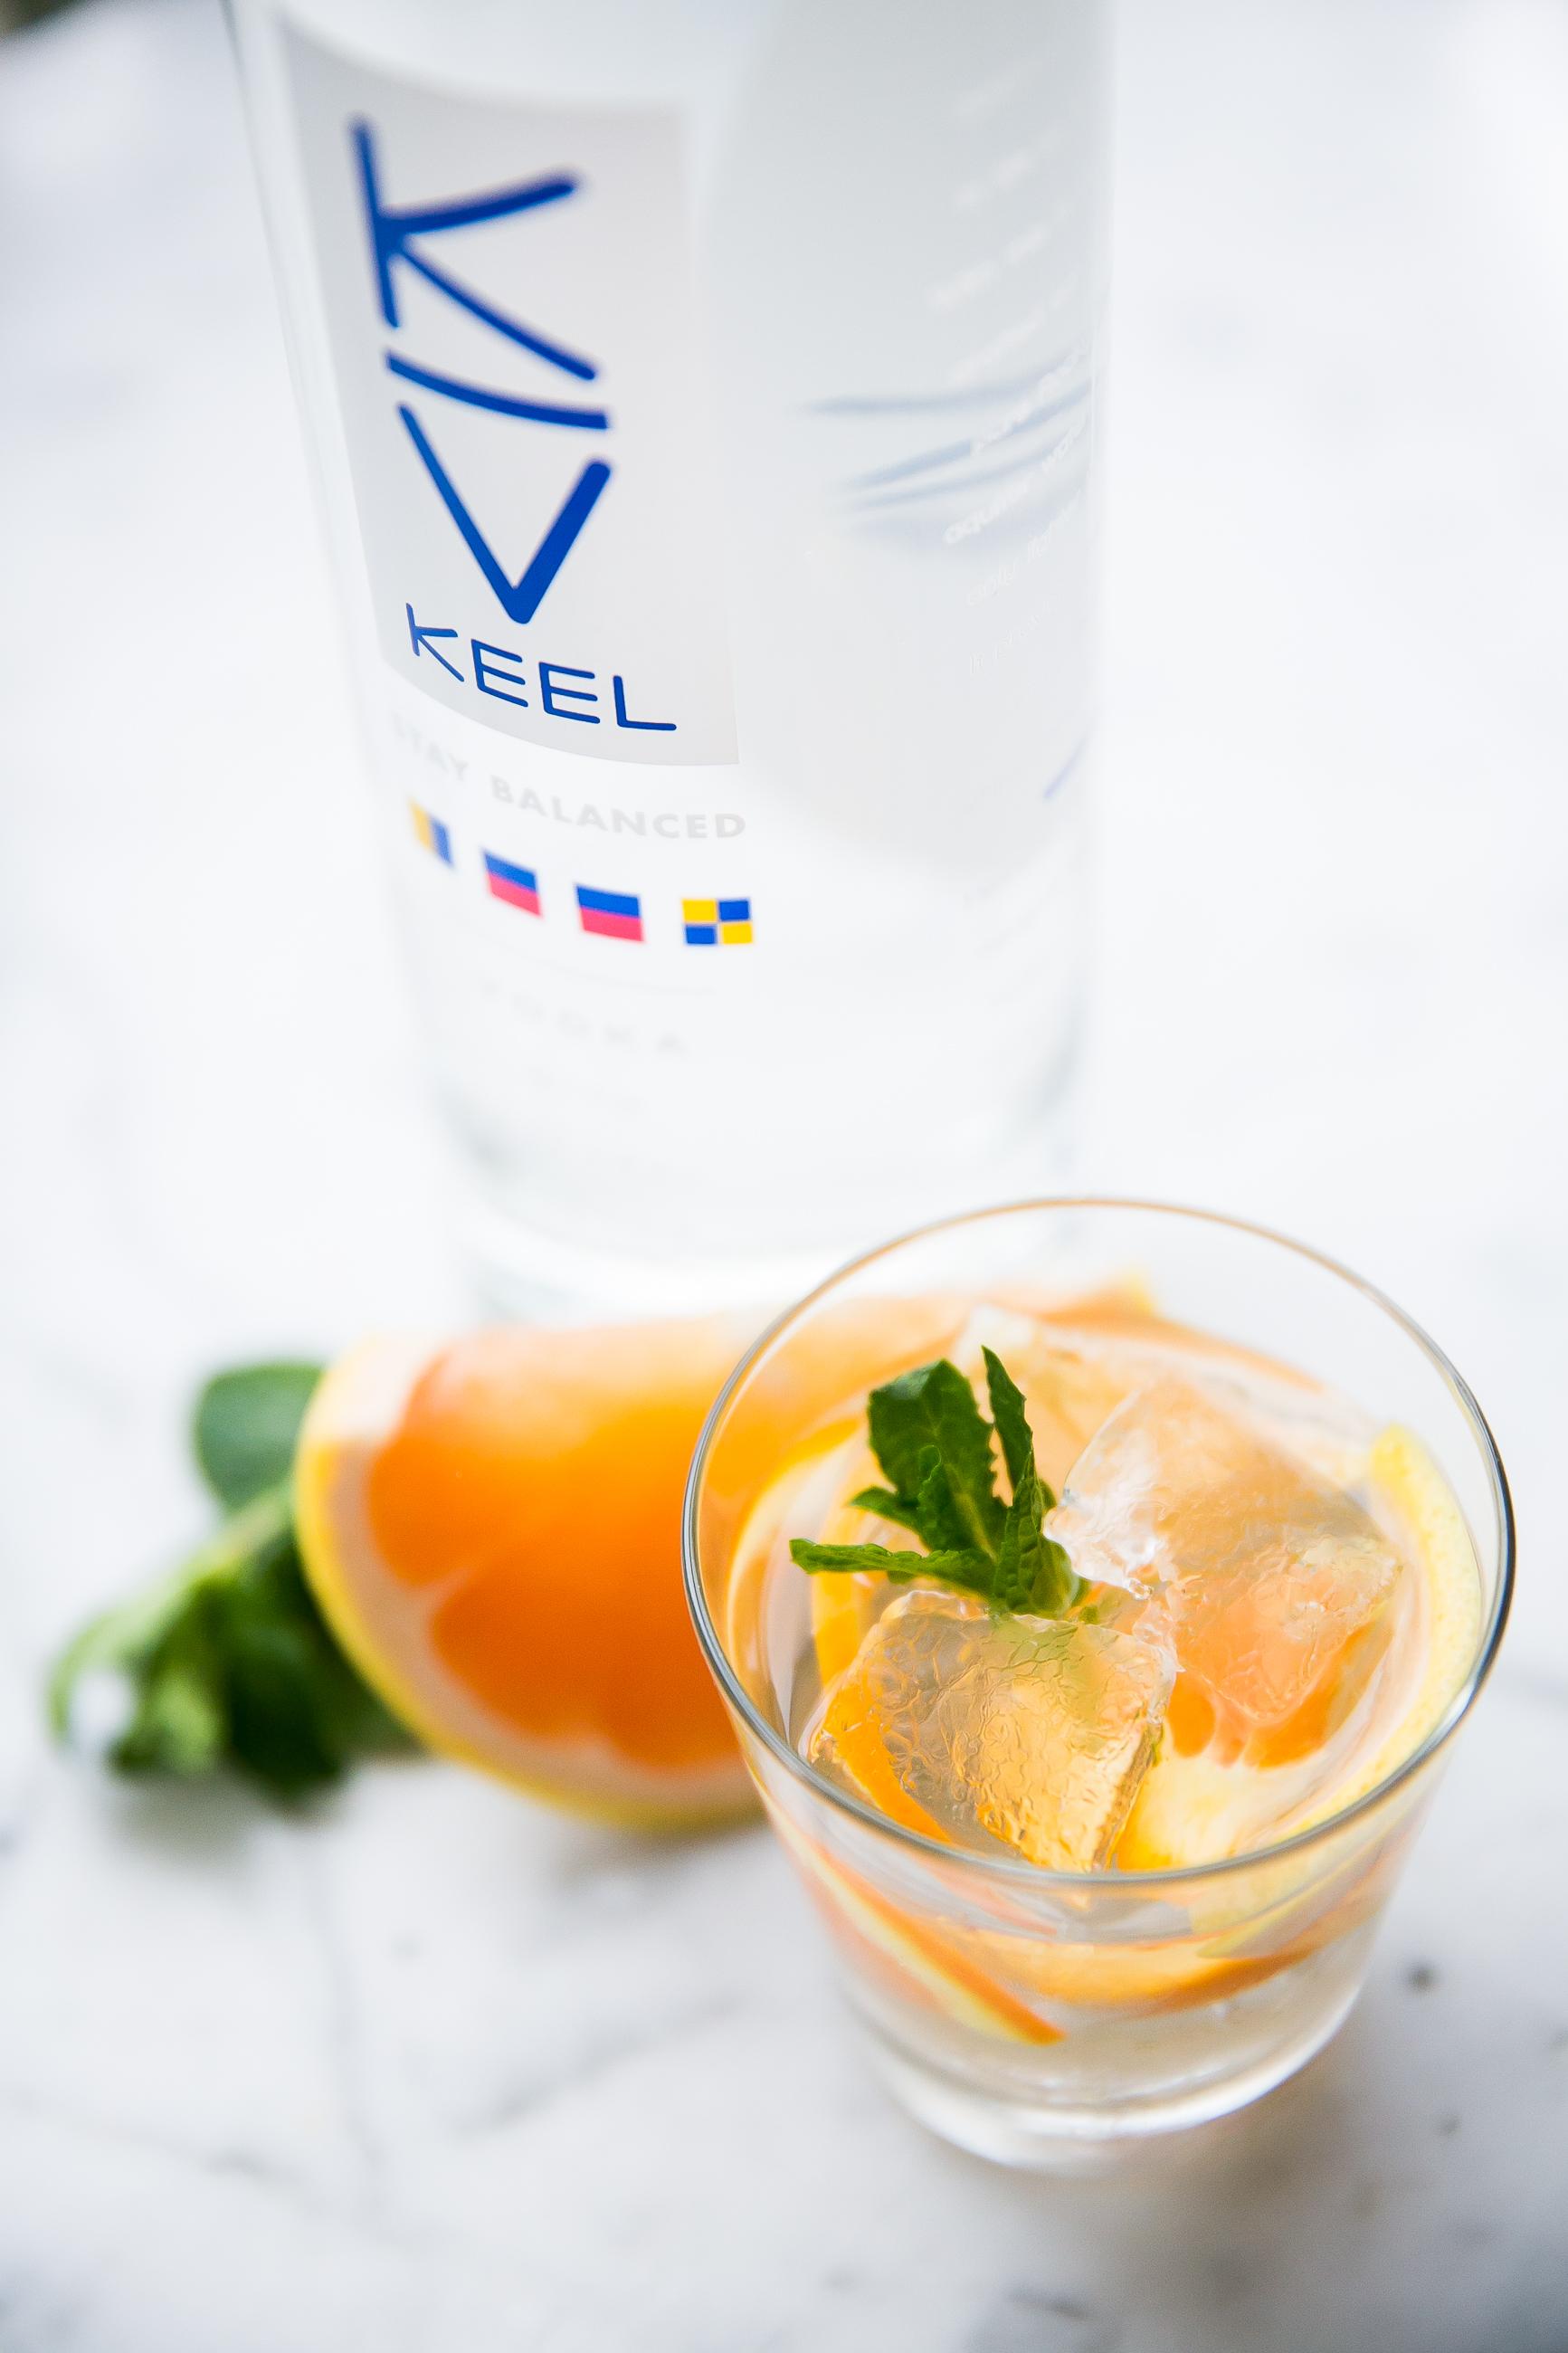 KEEL Vodka Citrus Summer